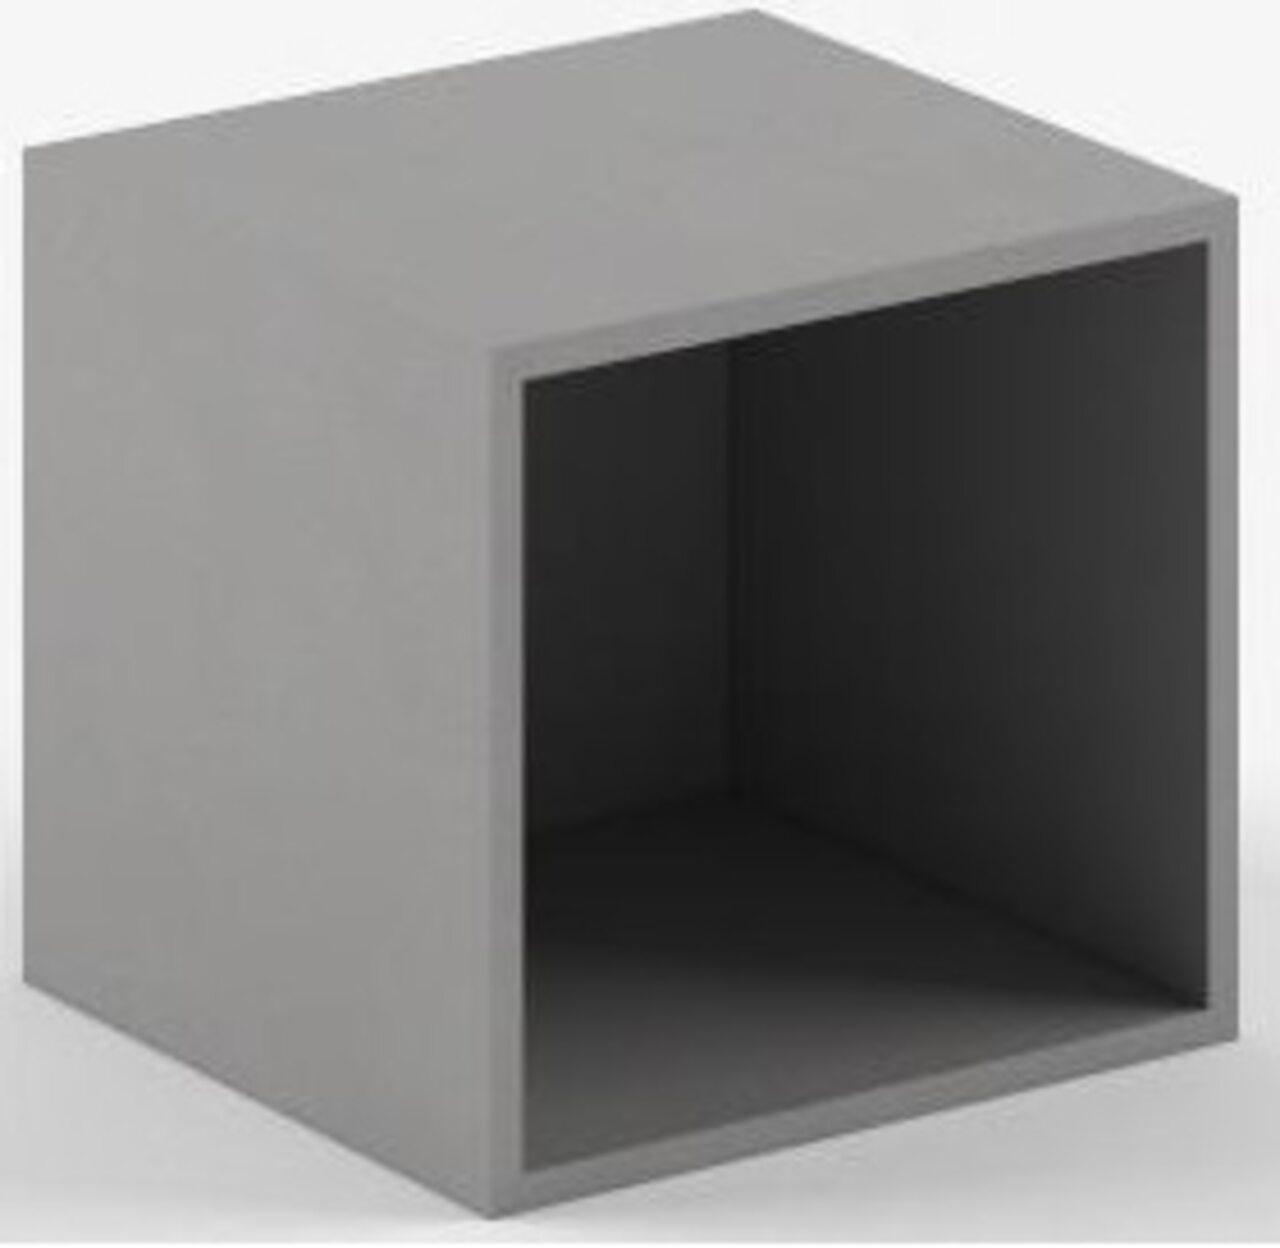 Каркас антресоли  Simple 39x36x37 - фото 5